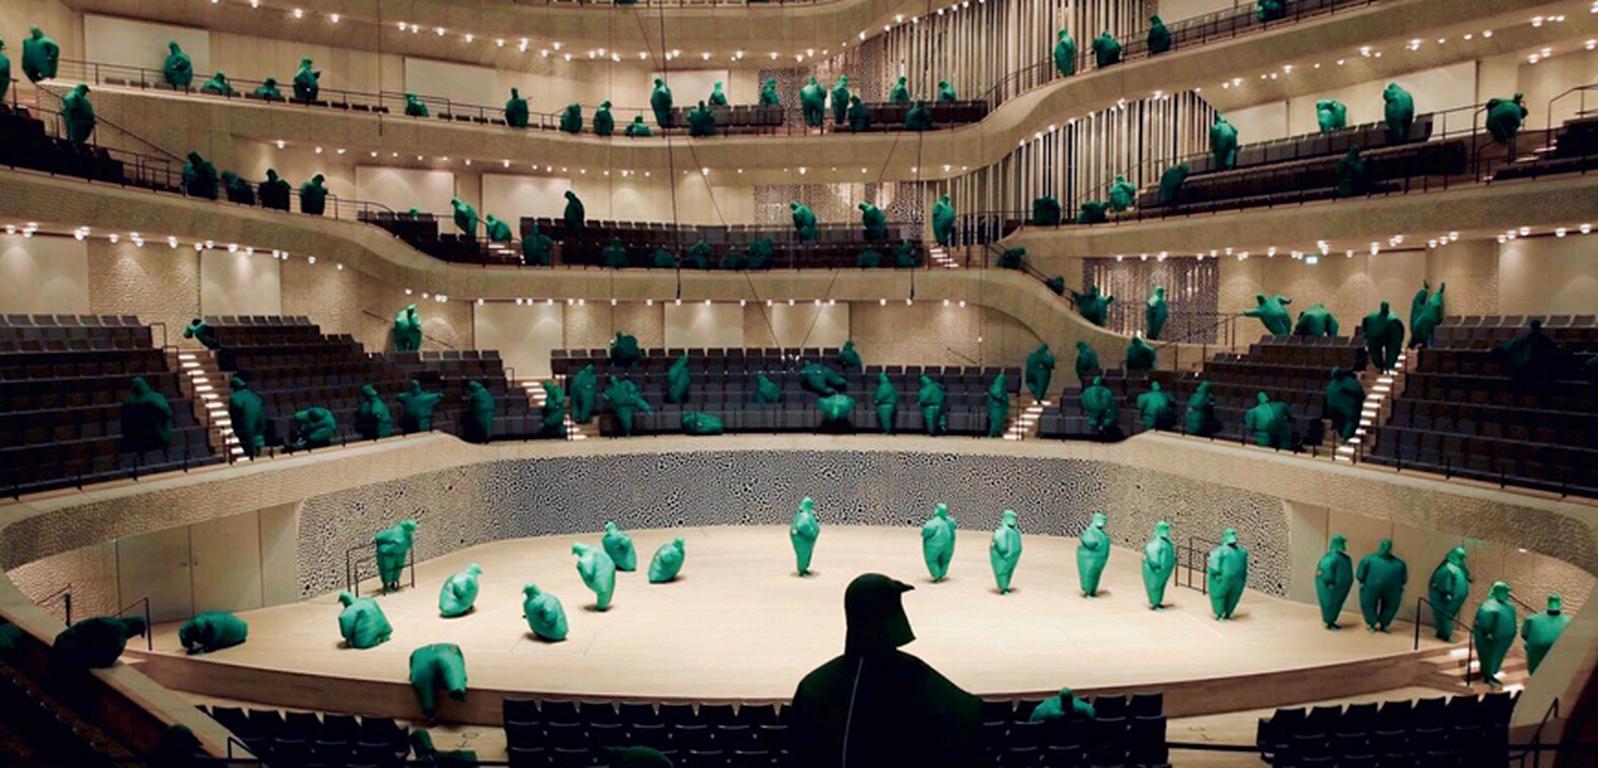 Requiem for Architecture